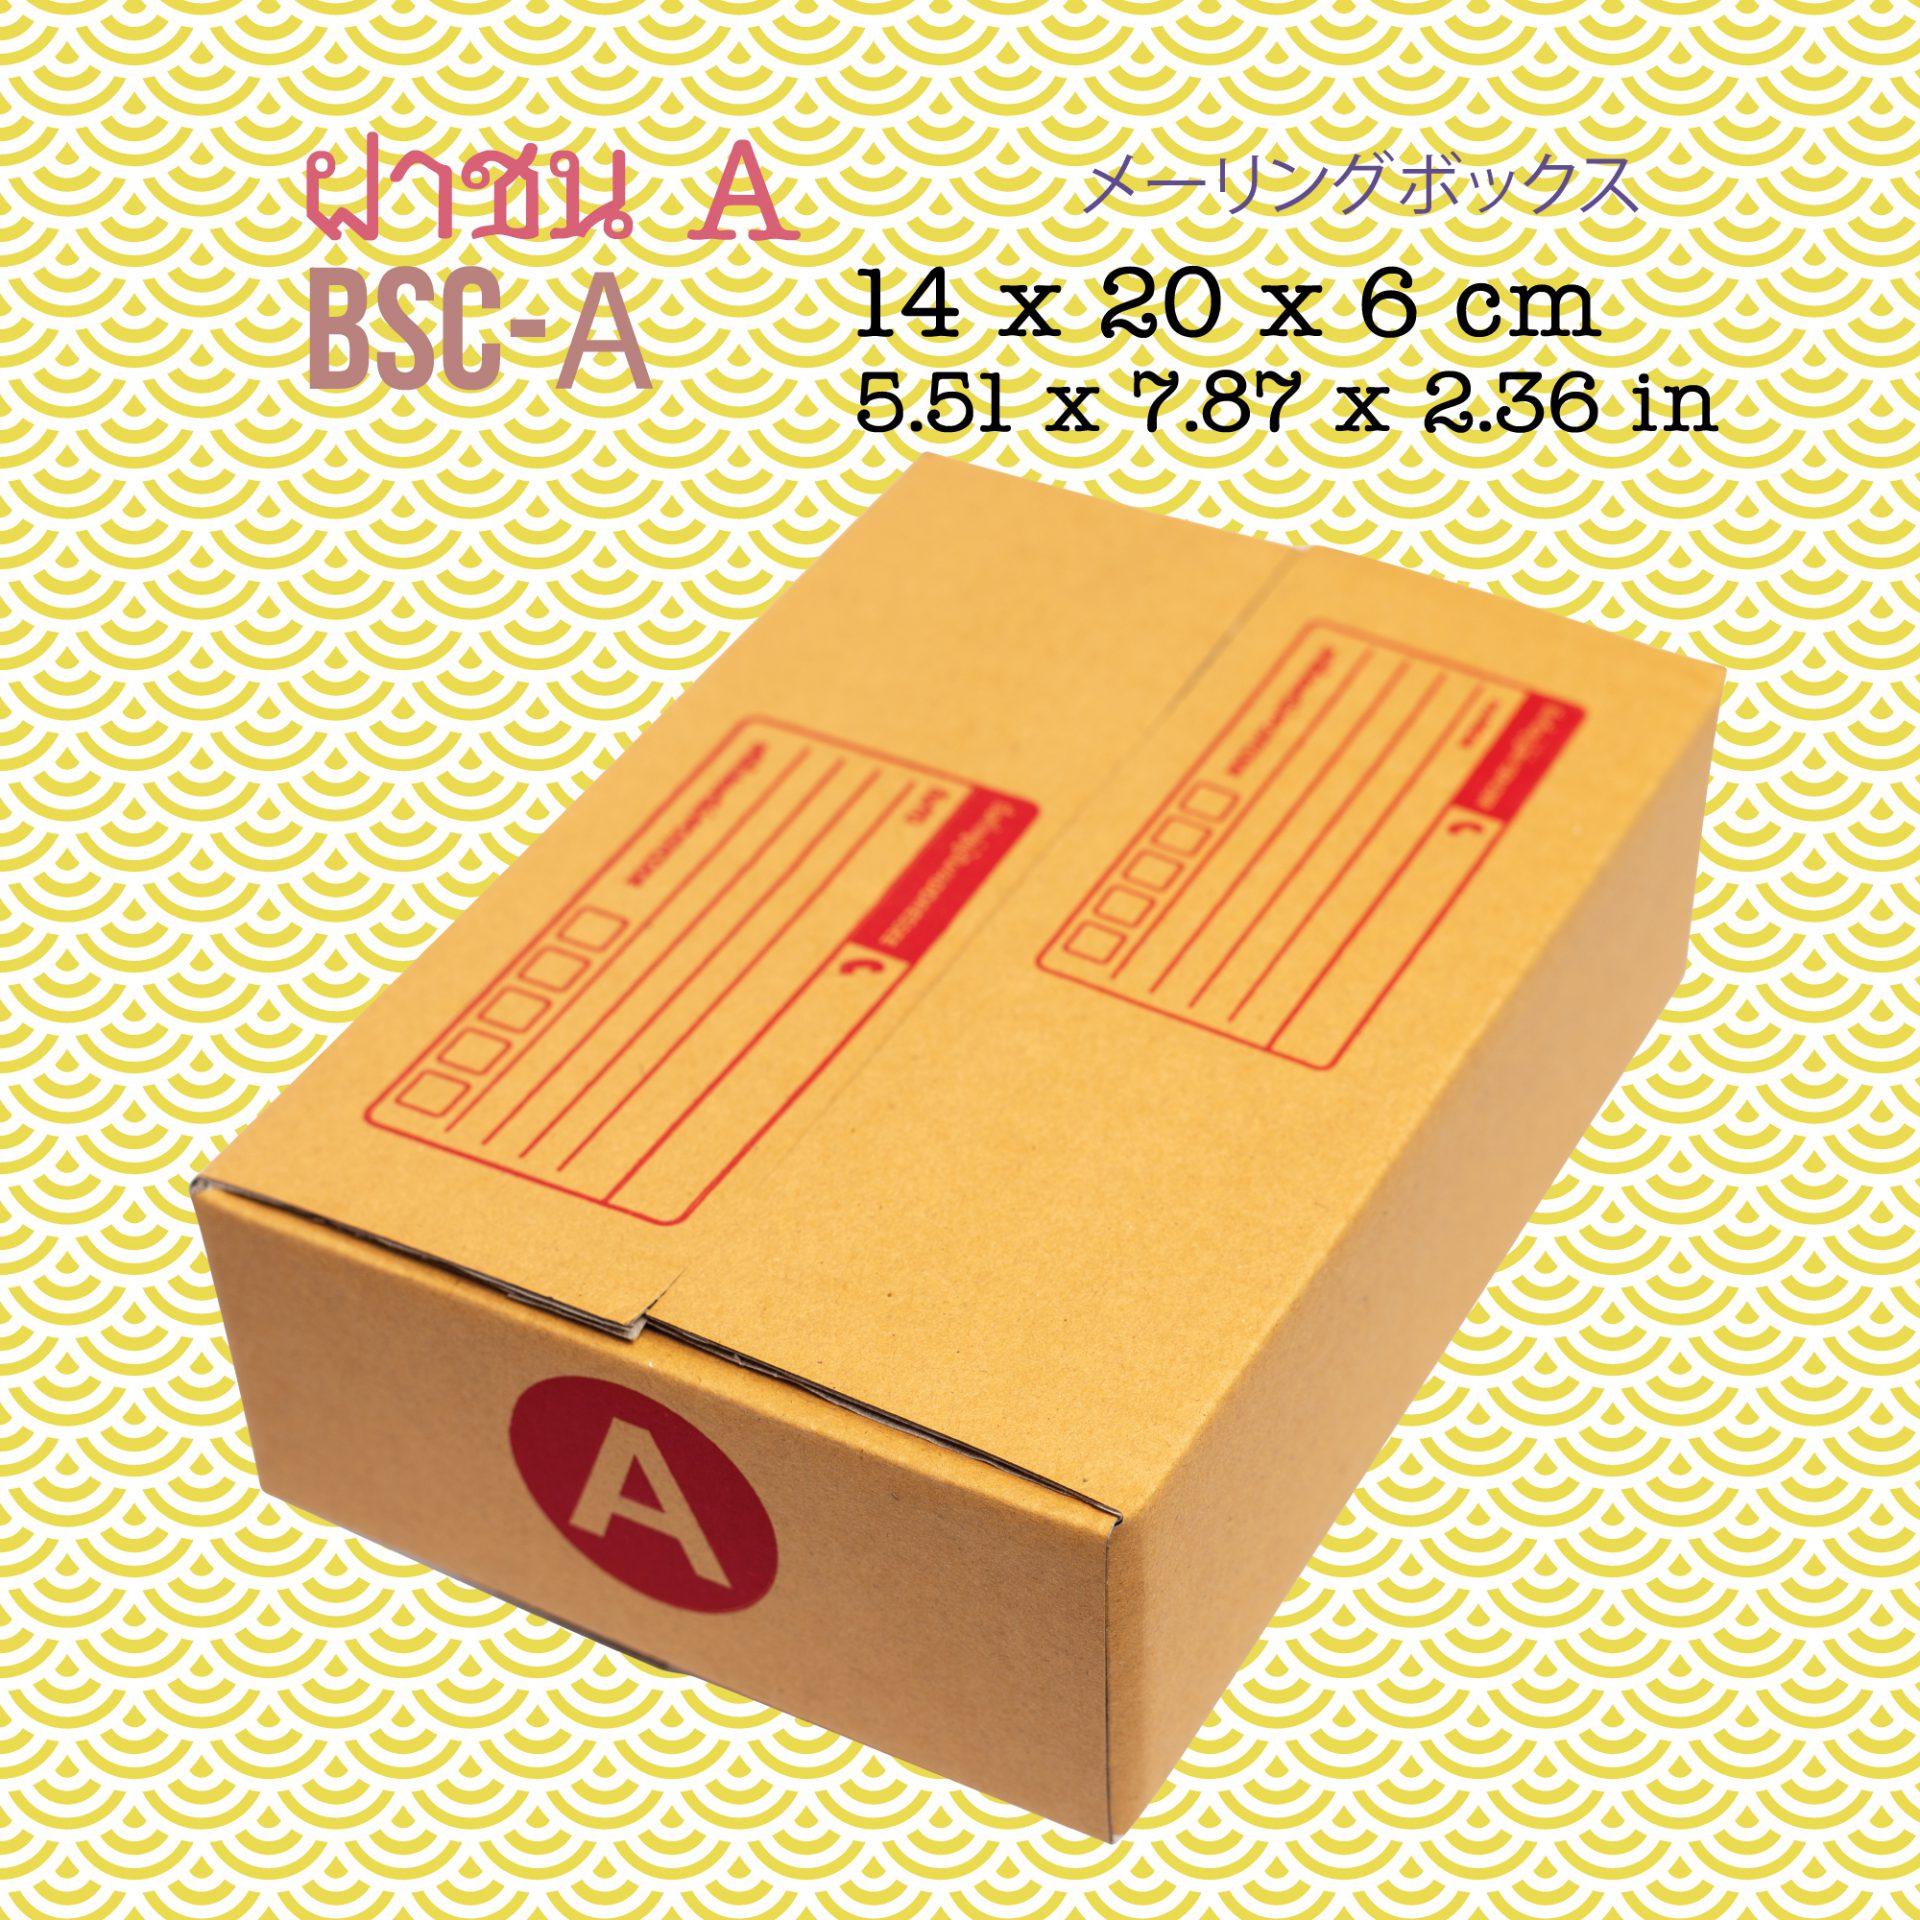 กล่องไปรษณีย์ ฝาชน A